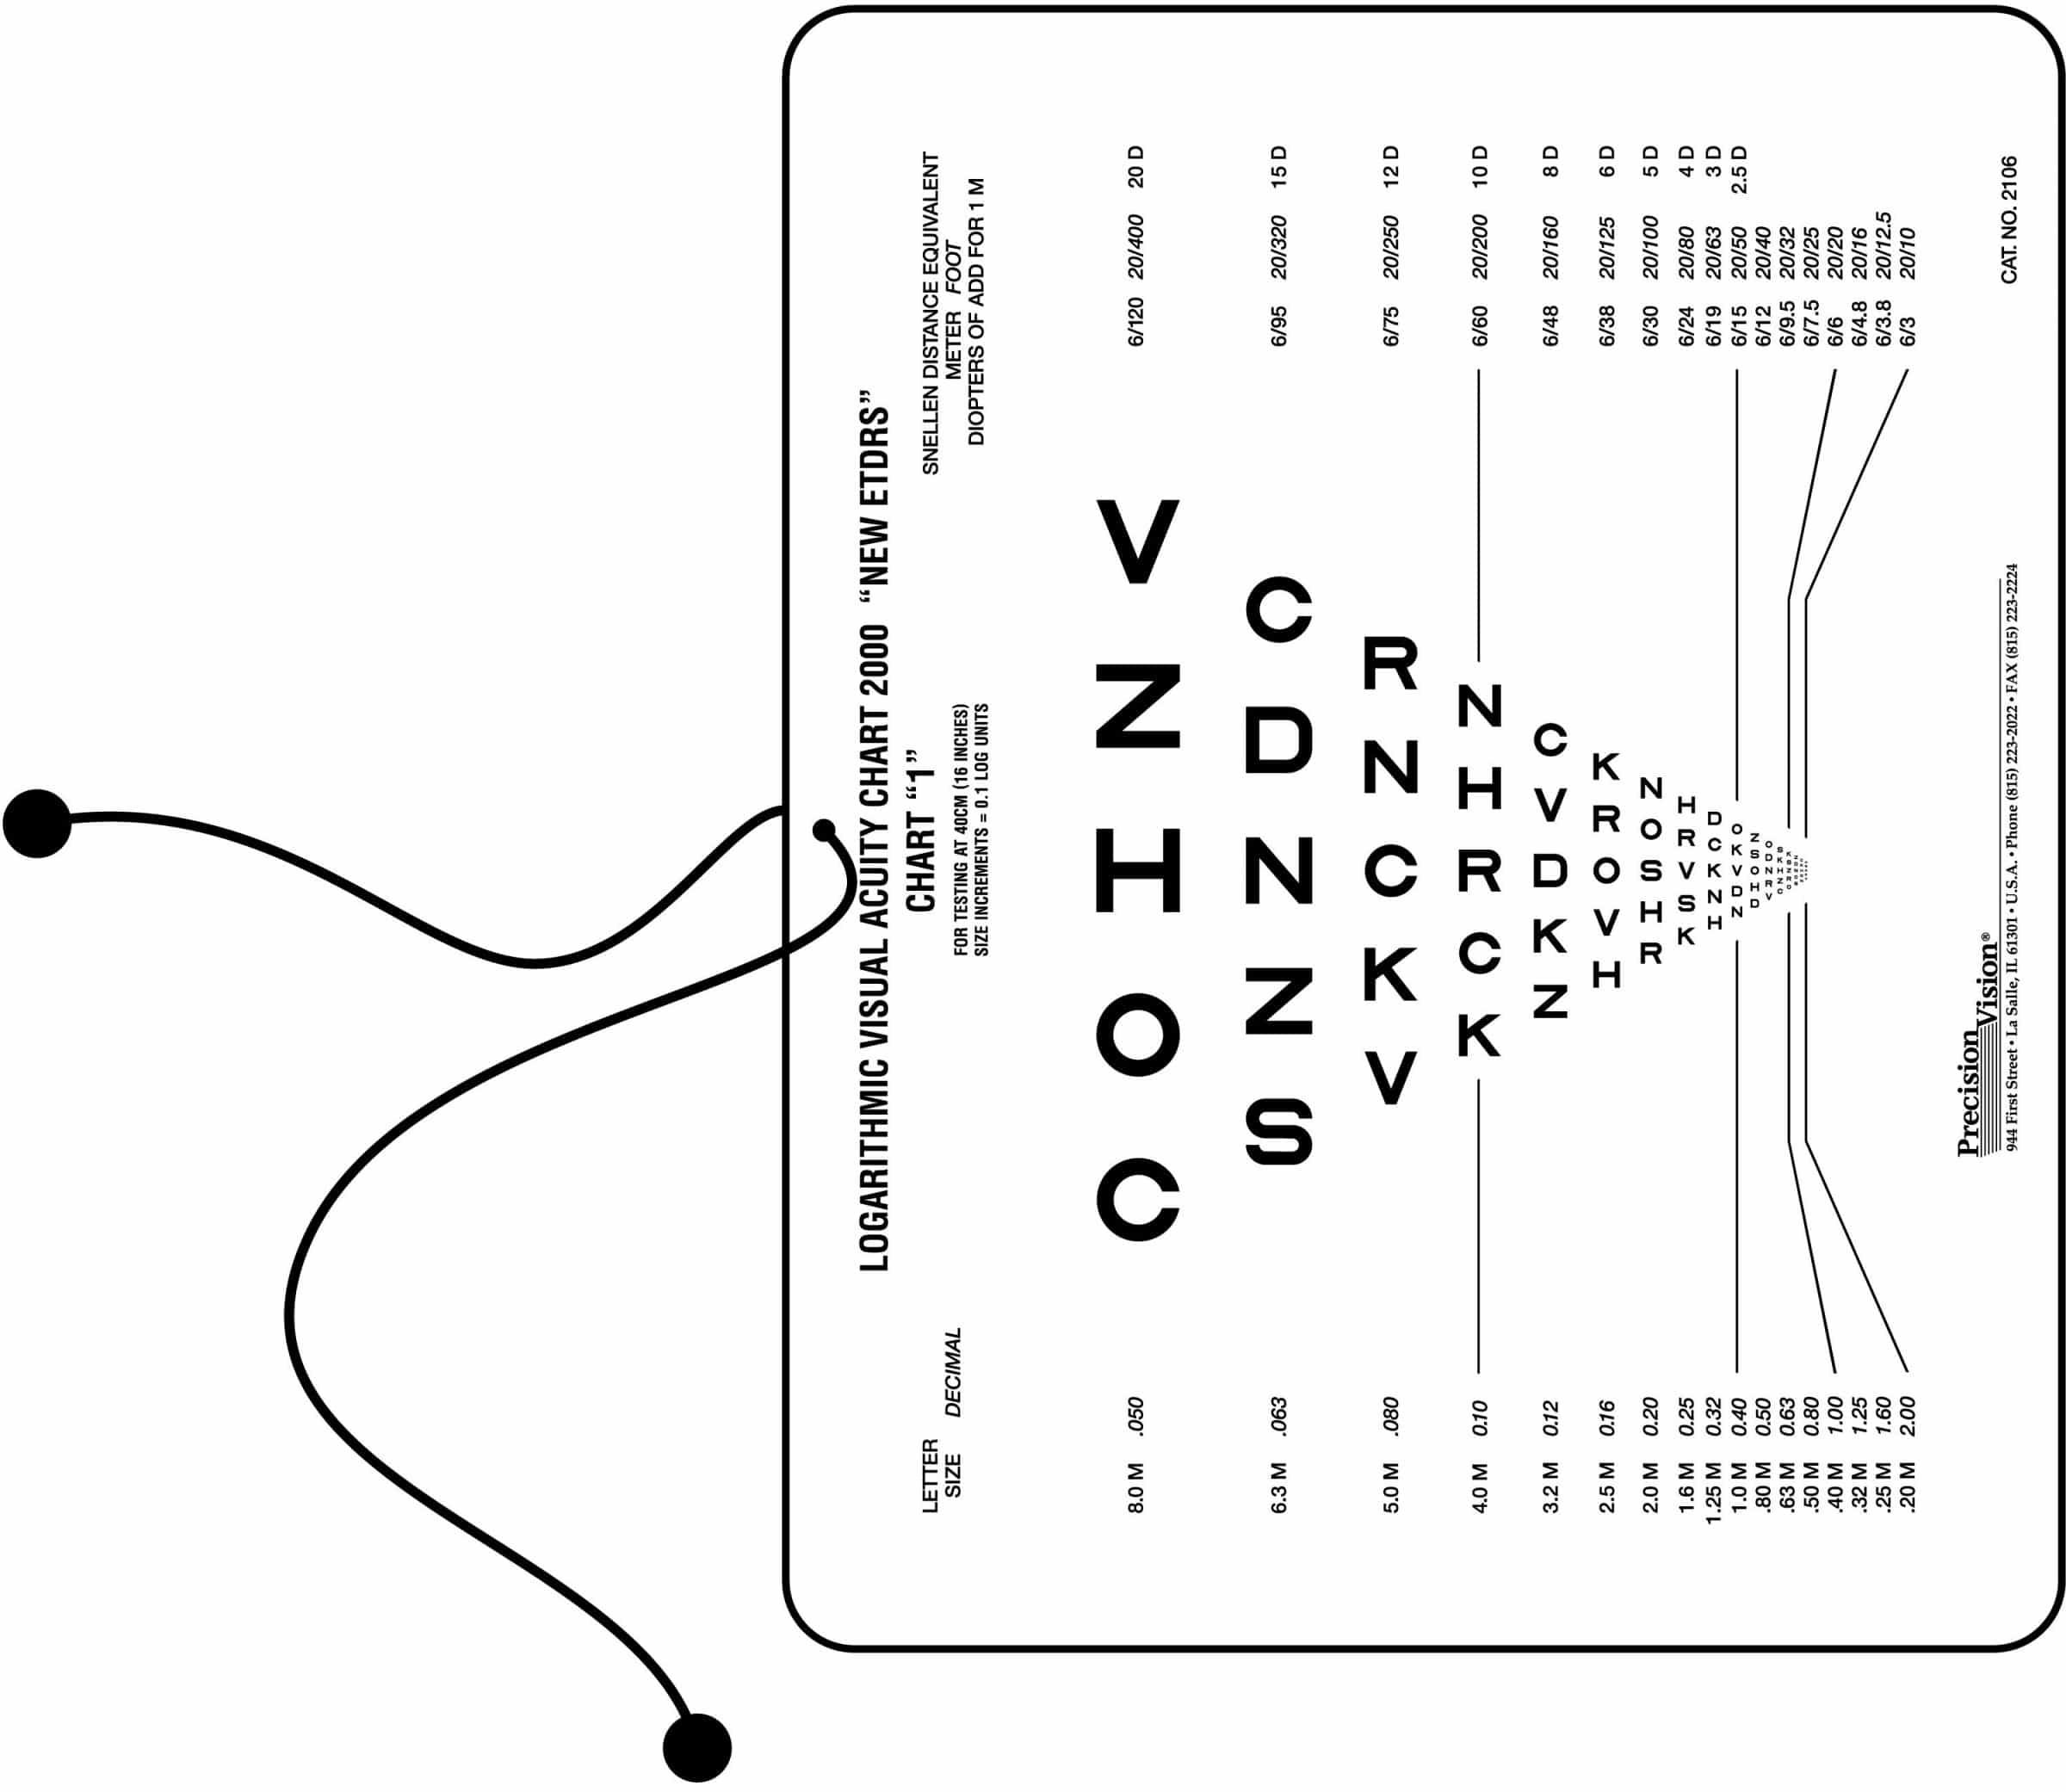 Landolt C Near Vision Chart